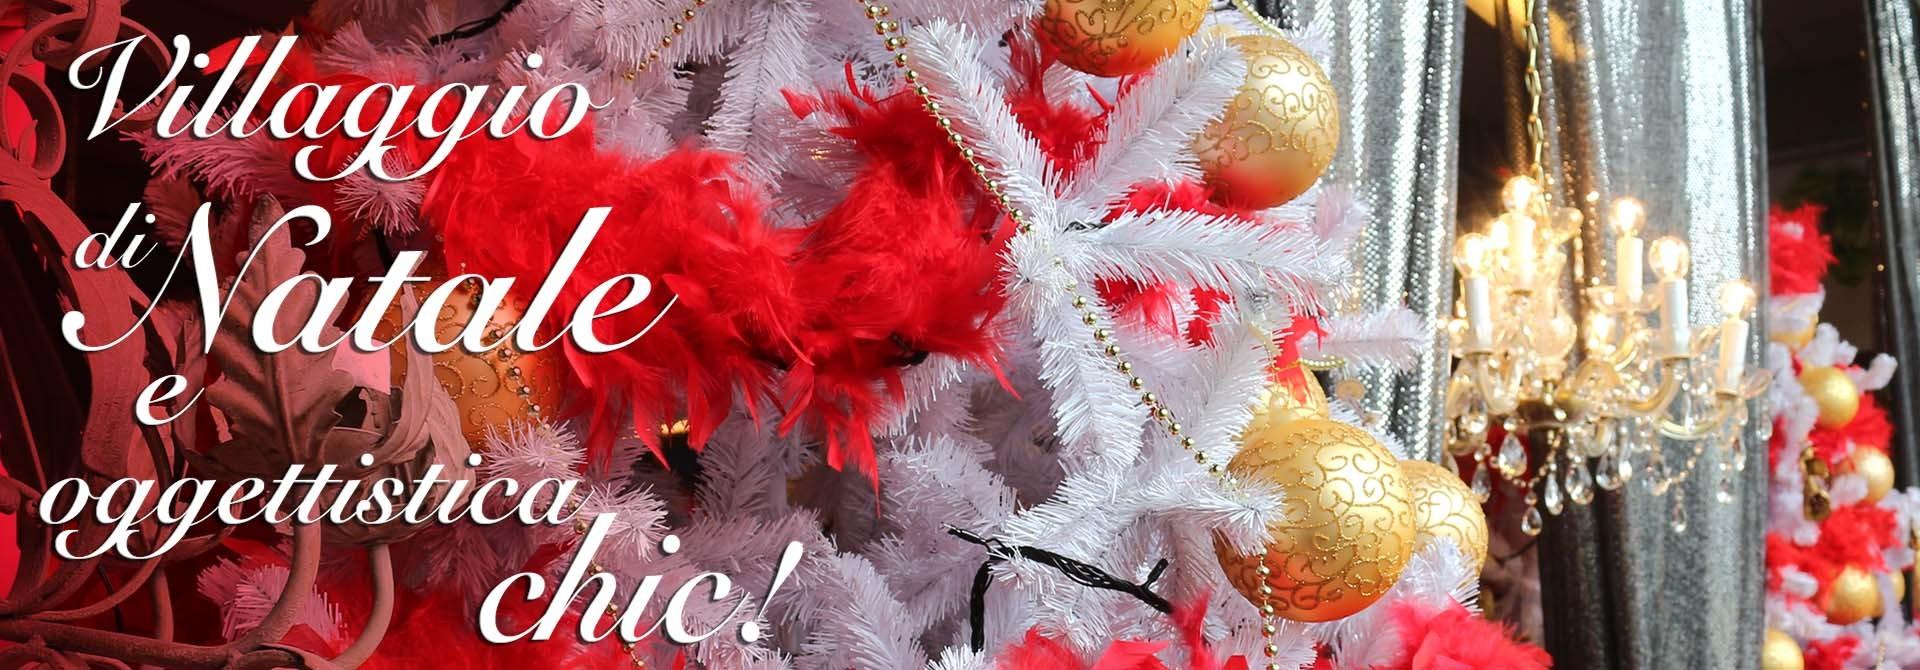 Decorazioni natalizie e oggettistica per il natale